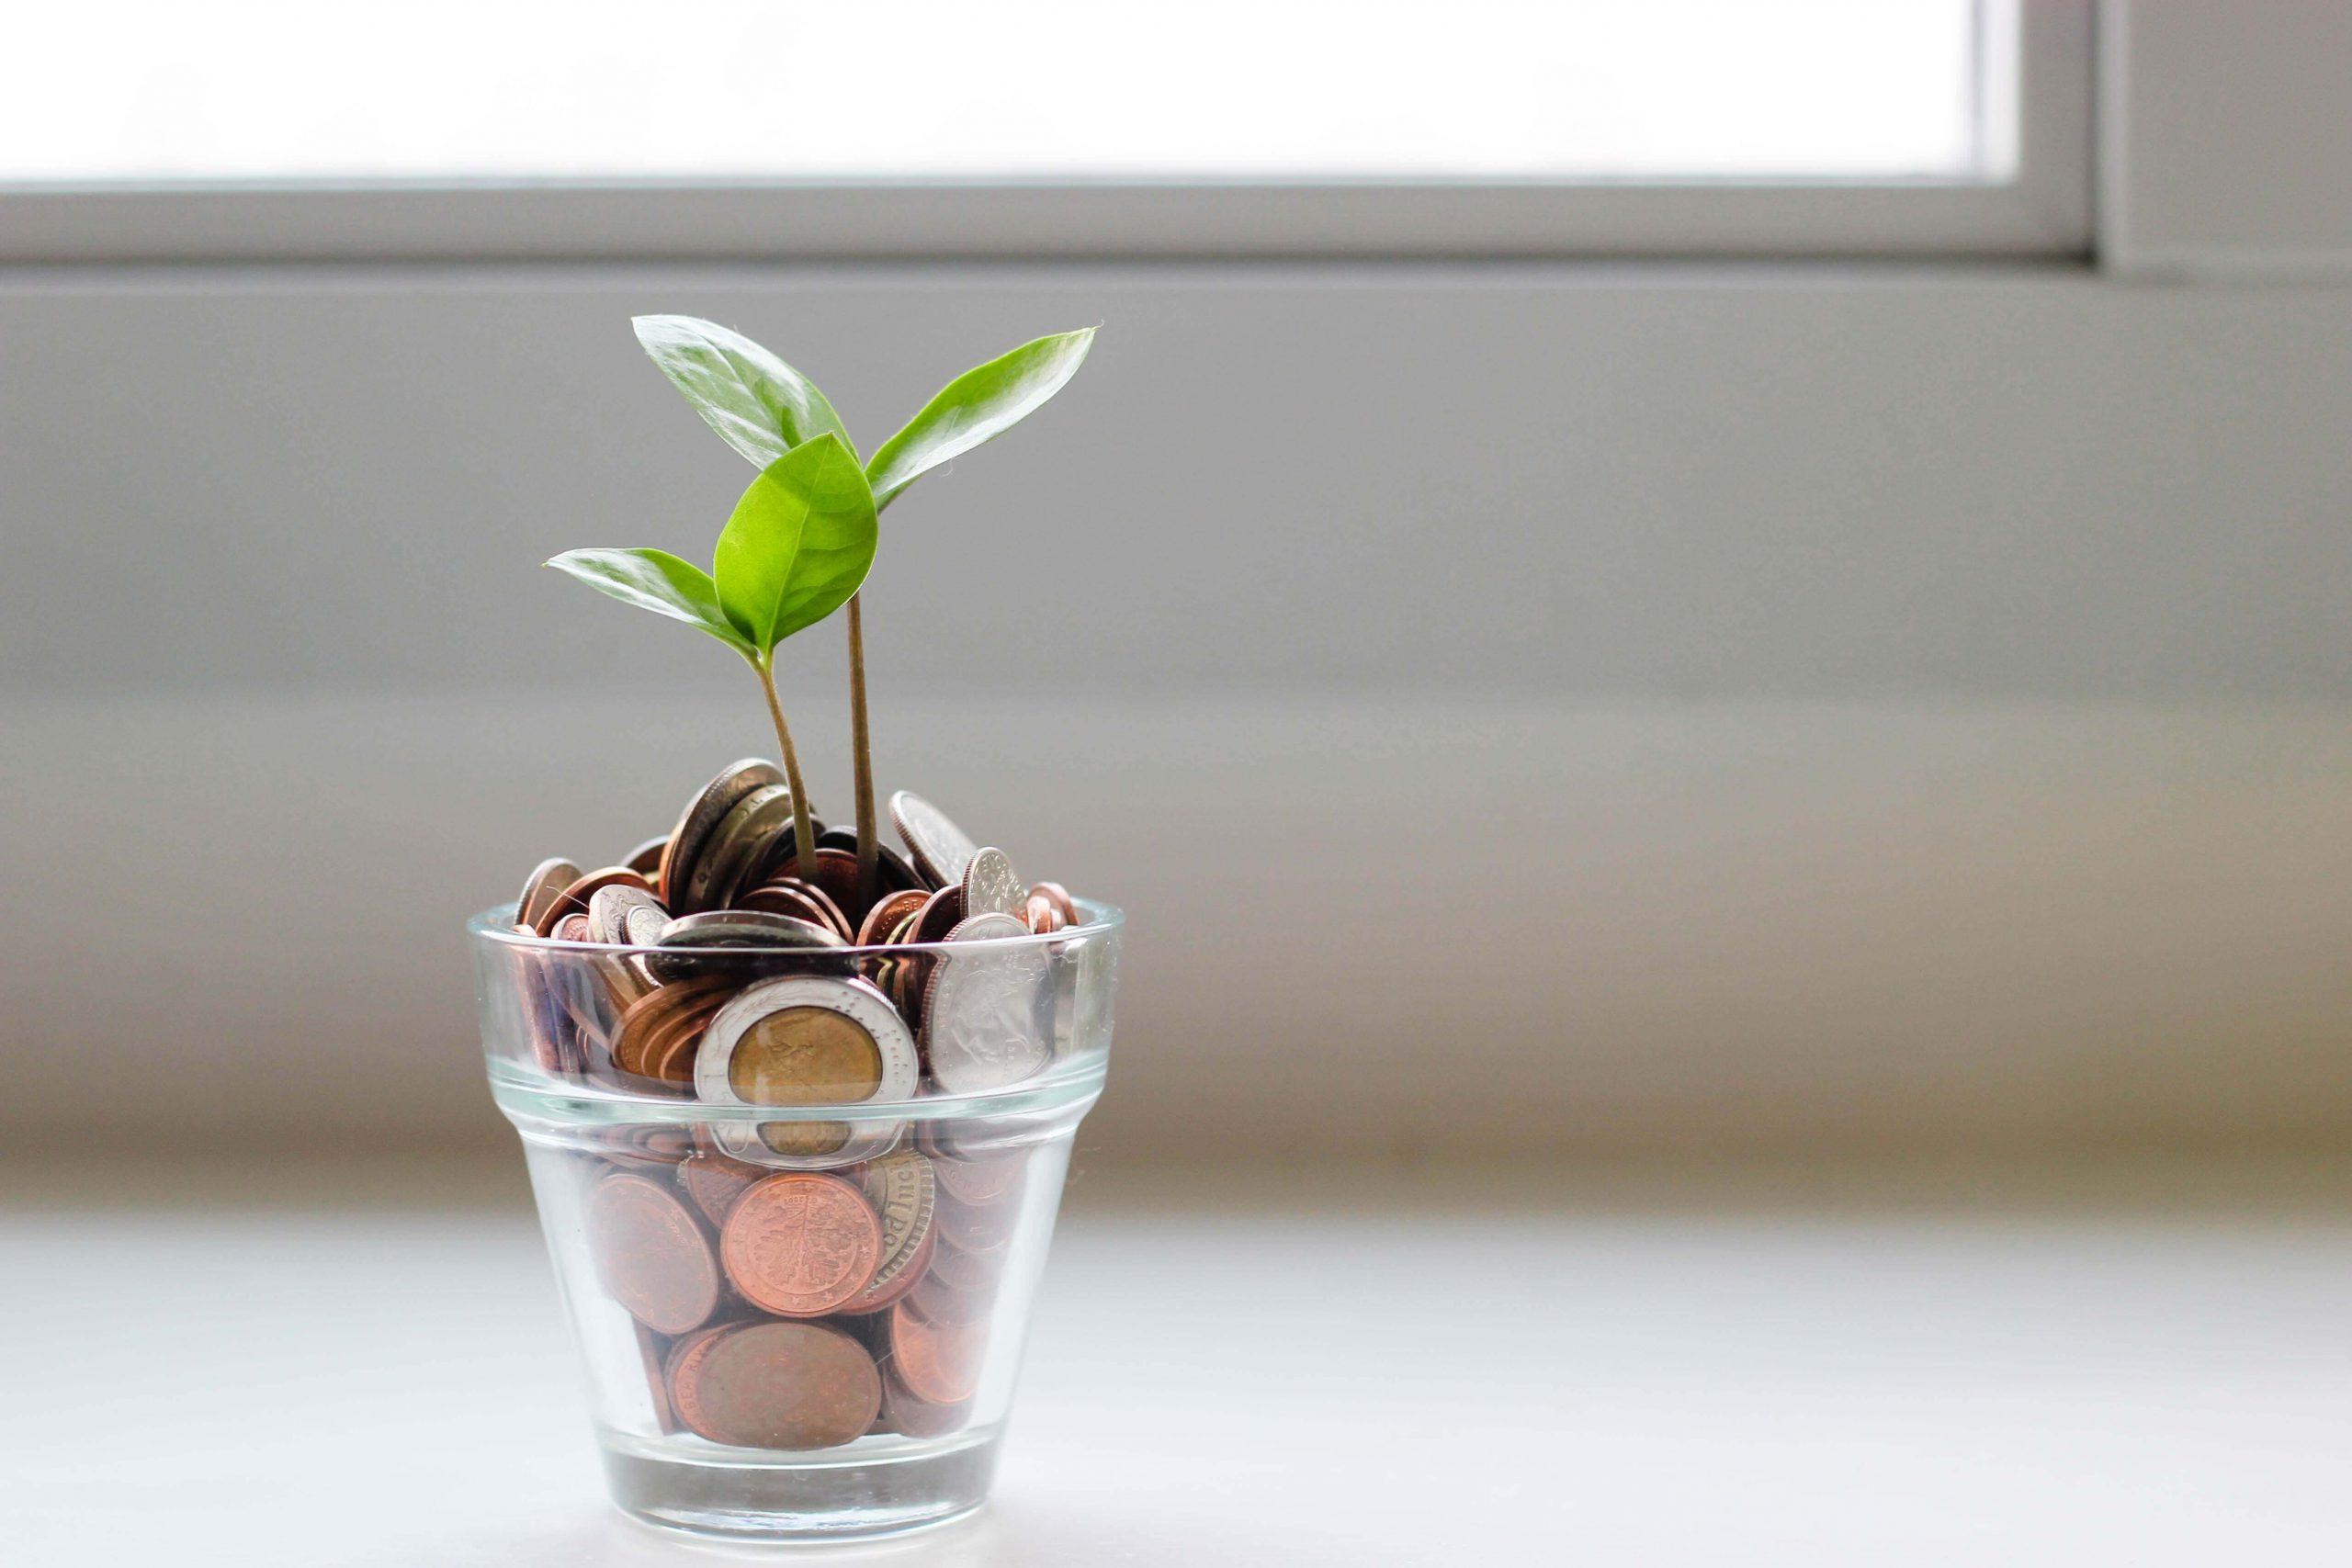 コインが詰まったグラスから植物が生えている画像